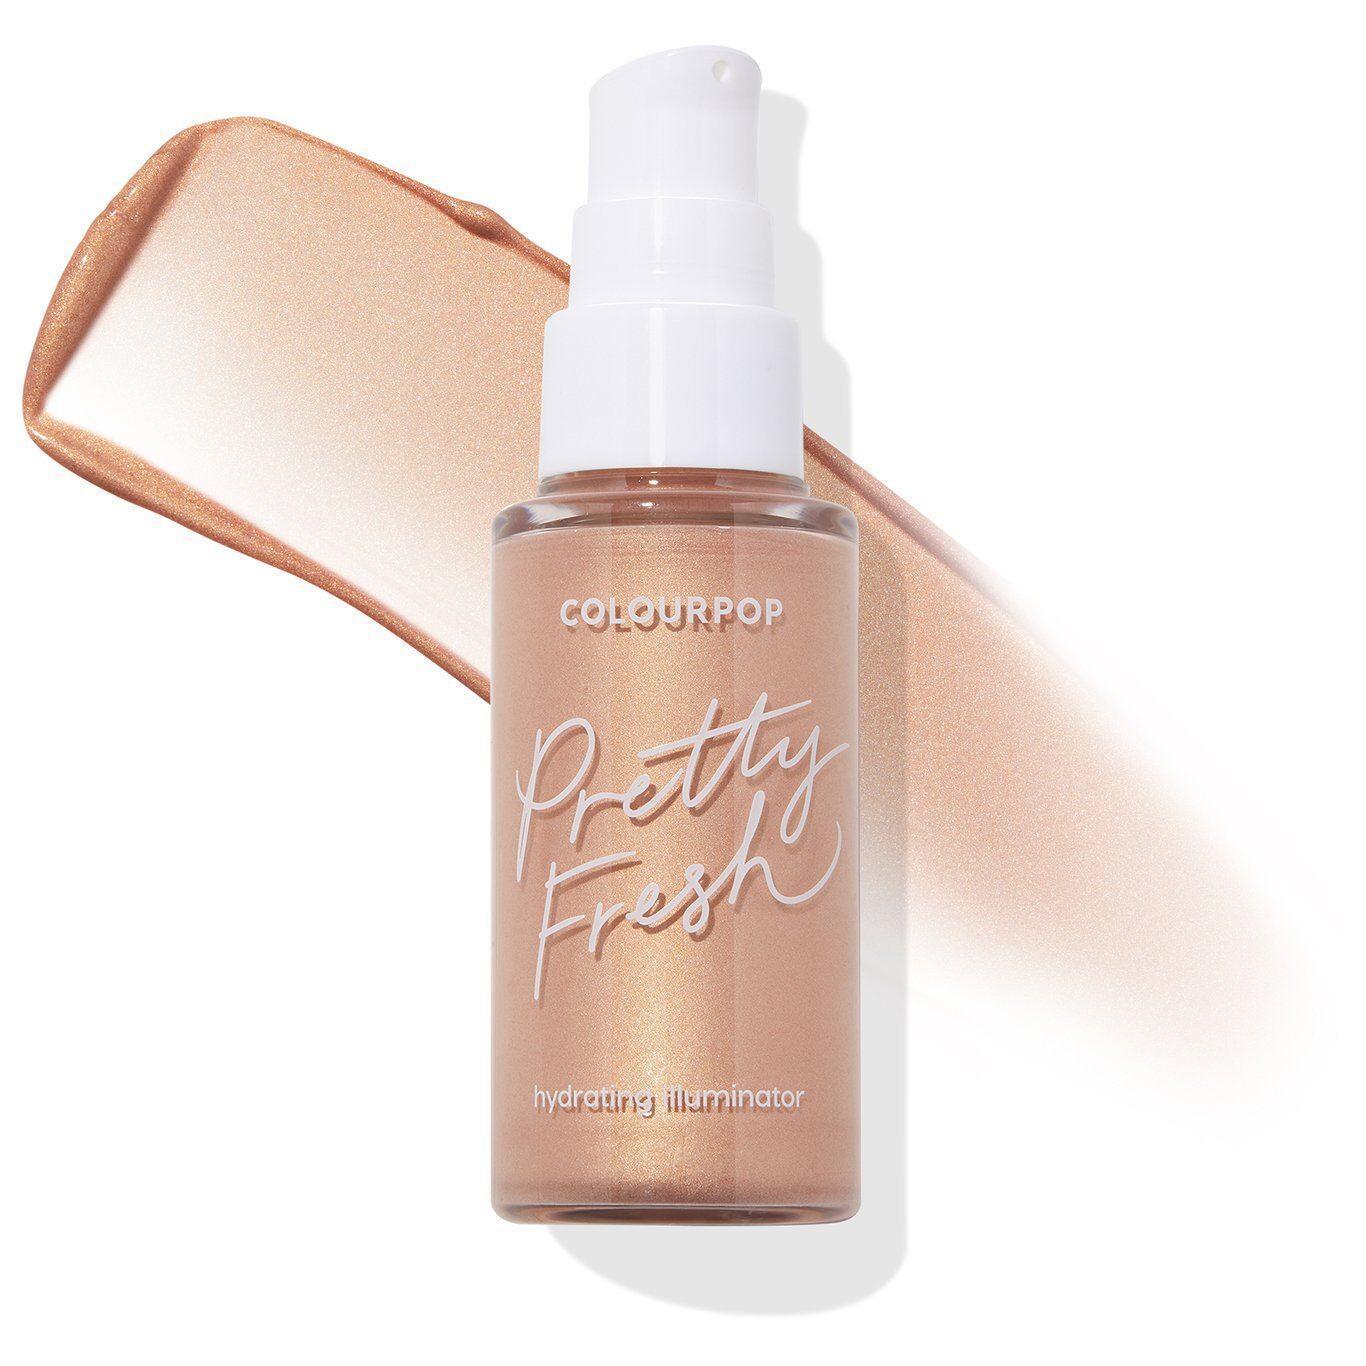 Colourpop Cosmetics Pretty Fresh Illuminator In Rose Gold